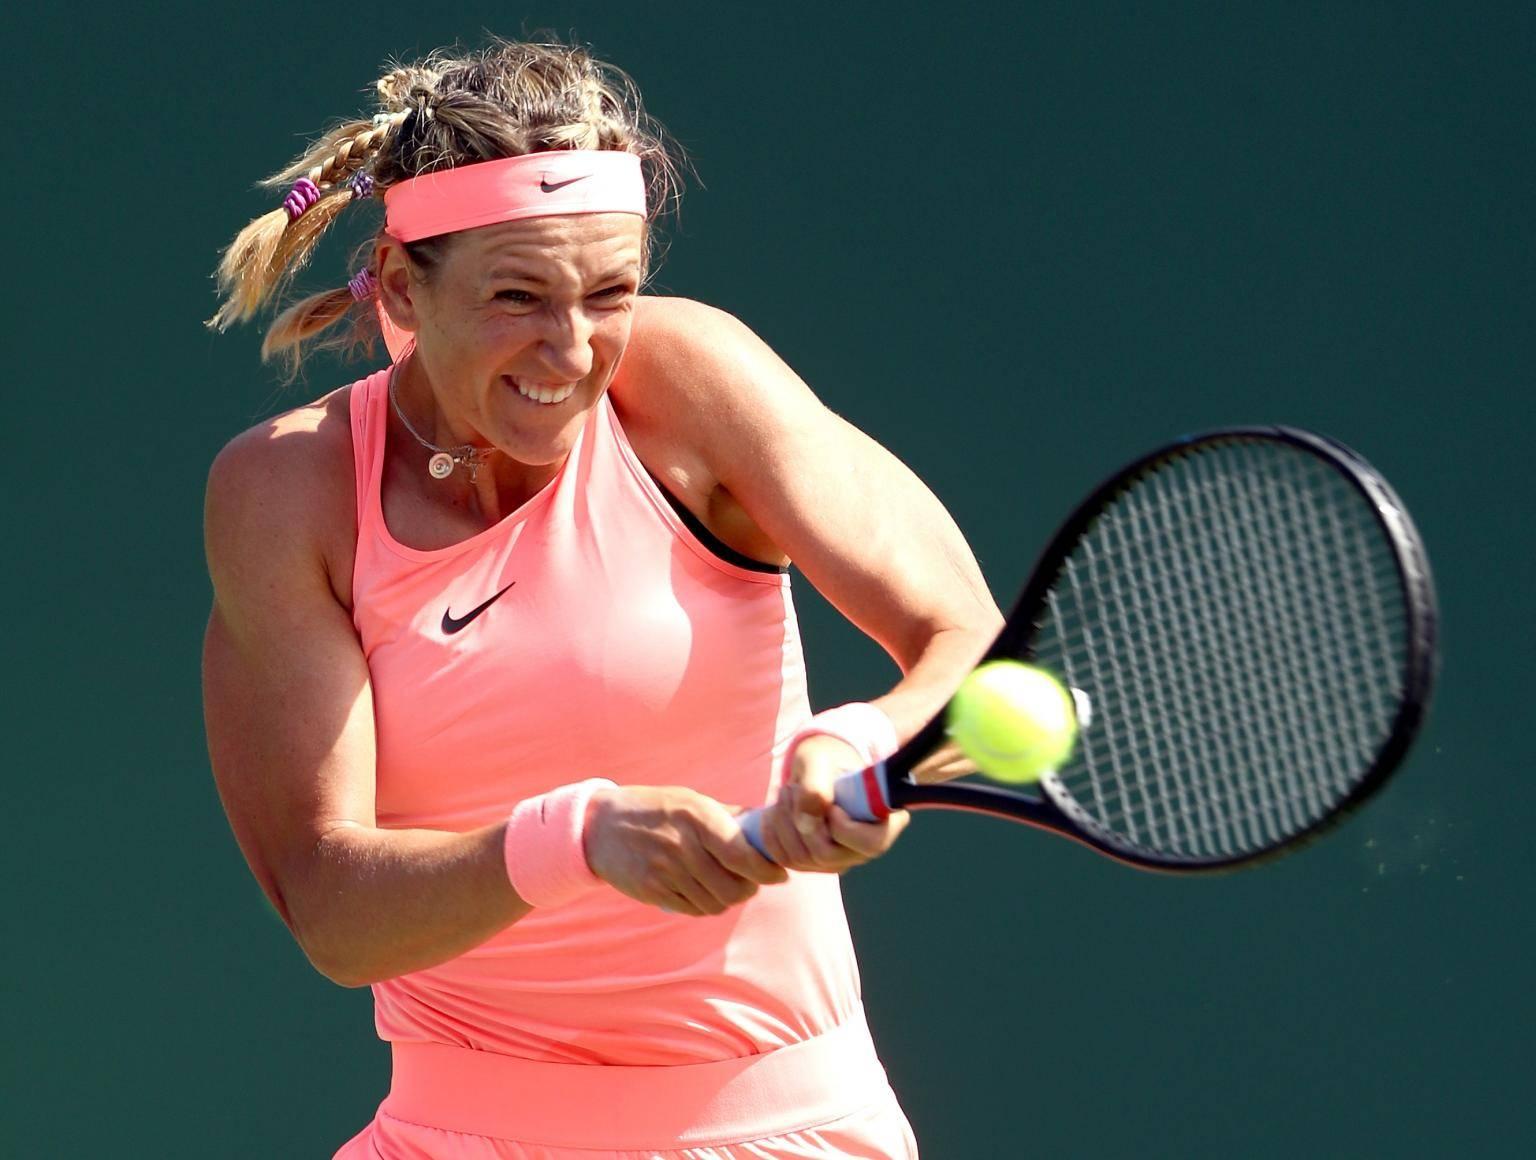 Ponturi Tenis – Anastasija Sevastova – Victoria Azarenka – Miami